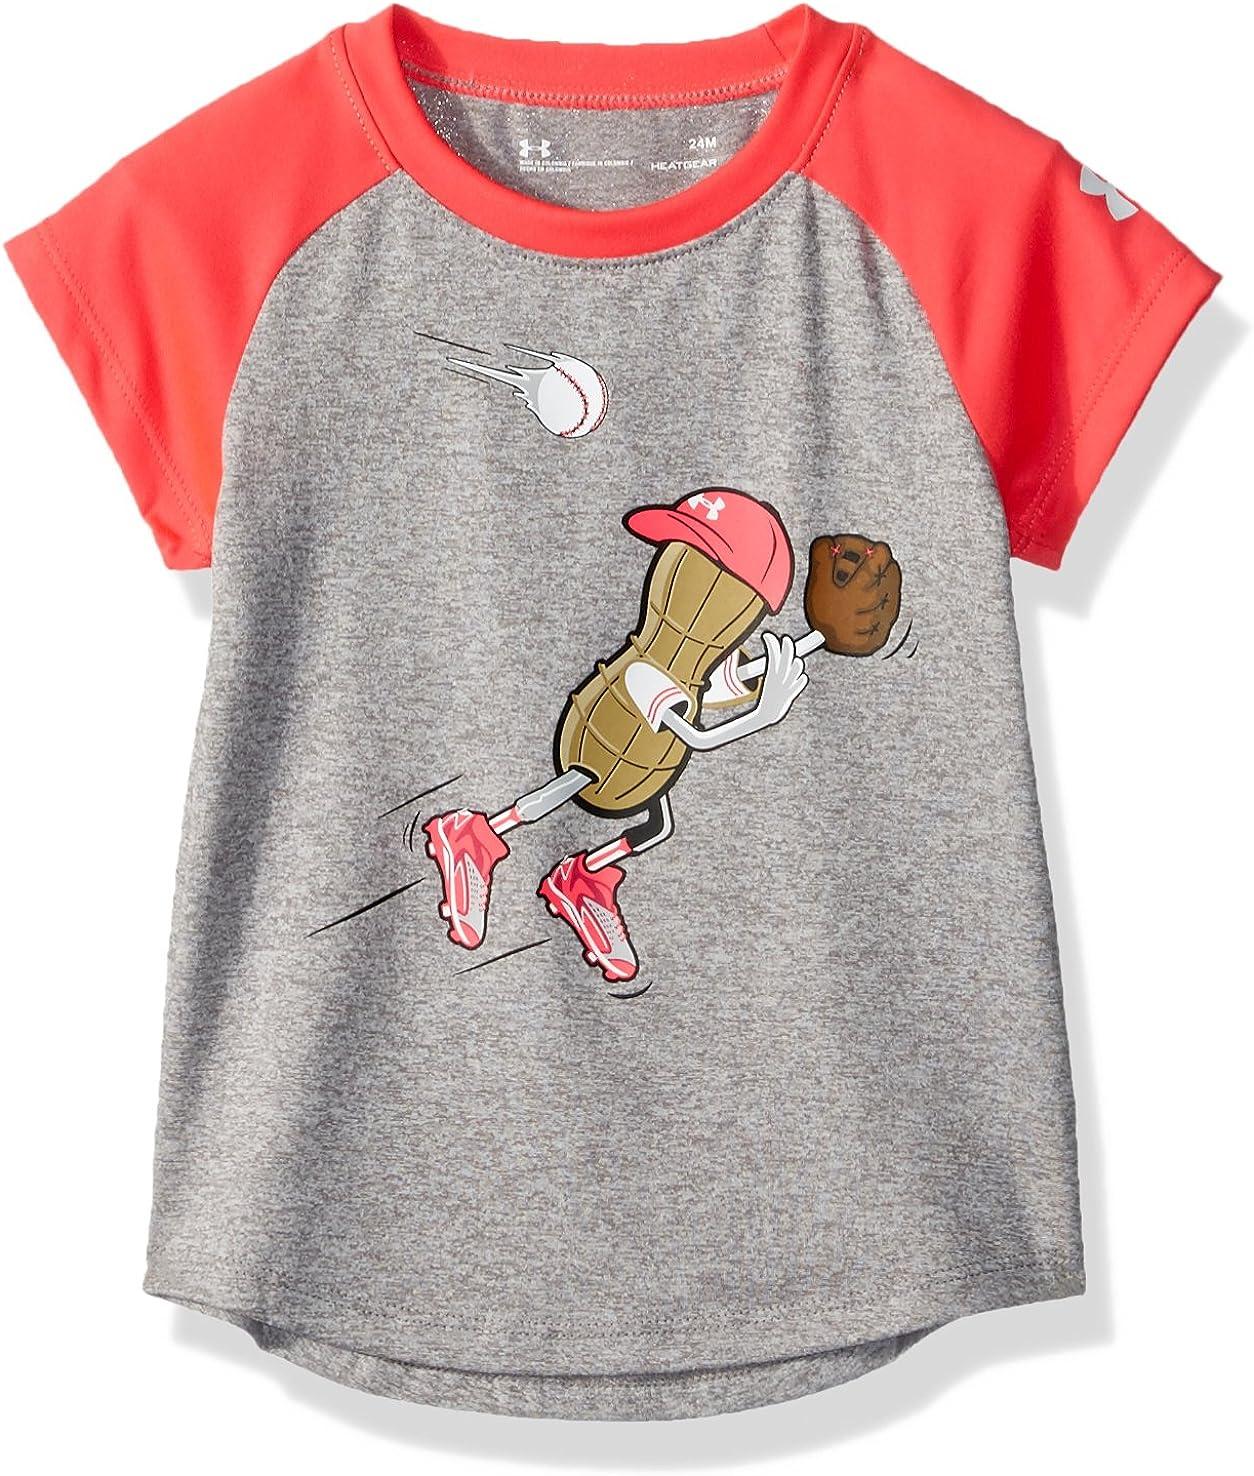 Baby Girls' Graphic Ss Tee Shirt